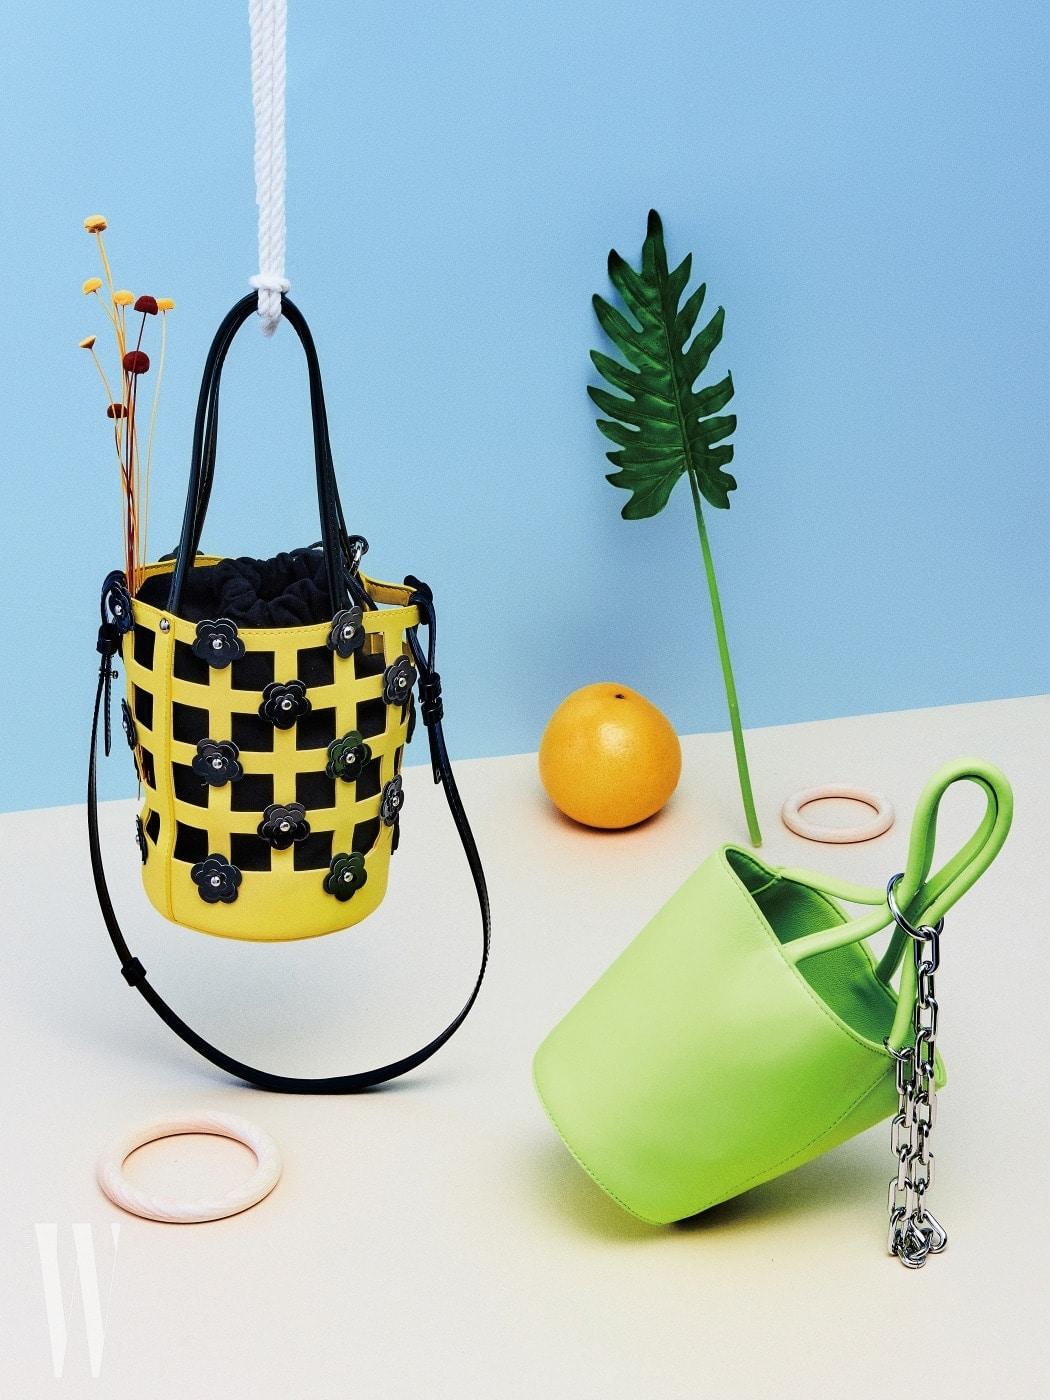 왼쪽부터   입체적인 꽃 장식을 더한 노란색 버킷백은 하이칙스 제품. 25만원. 체인 장식이 개성 있는 시원한 네온 라임색의 버킷백은 알렉산더 왕 by 분더샵 제품. 99만원.